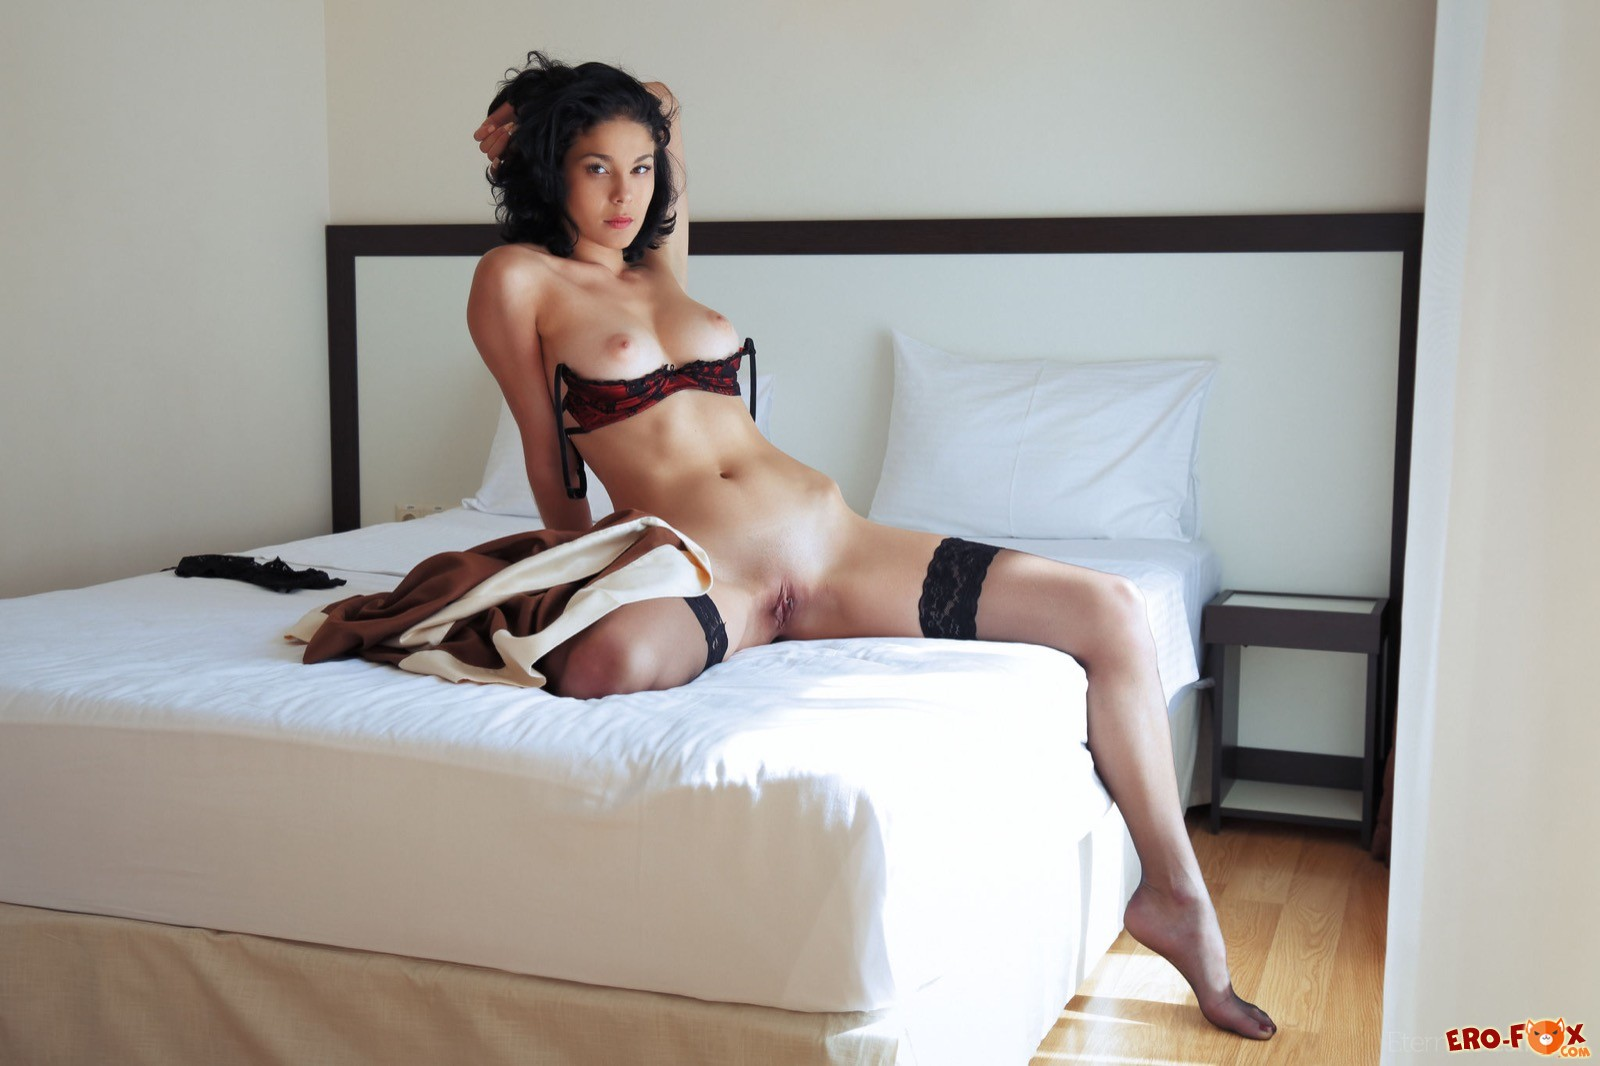 Красотка в чулках оголяет торчащие сиськи в постели